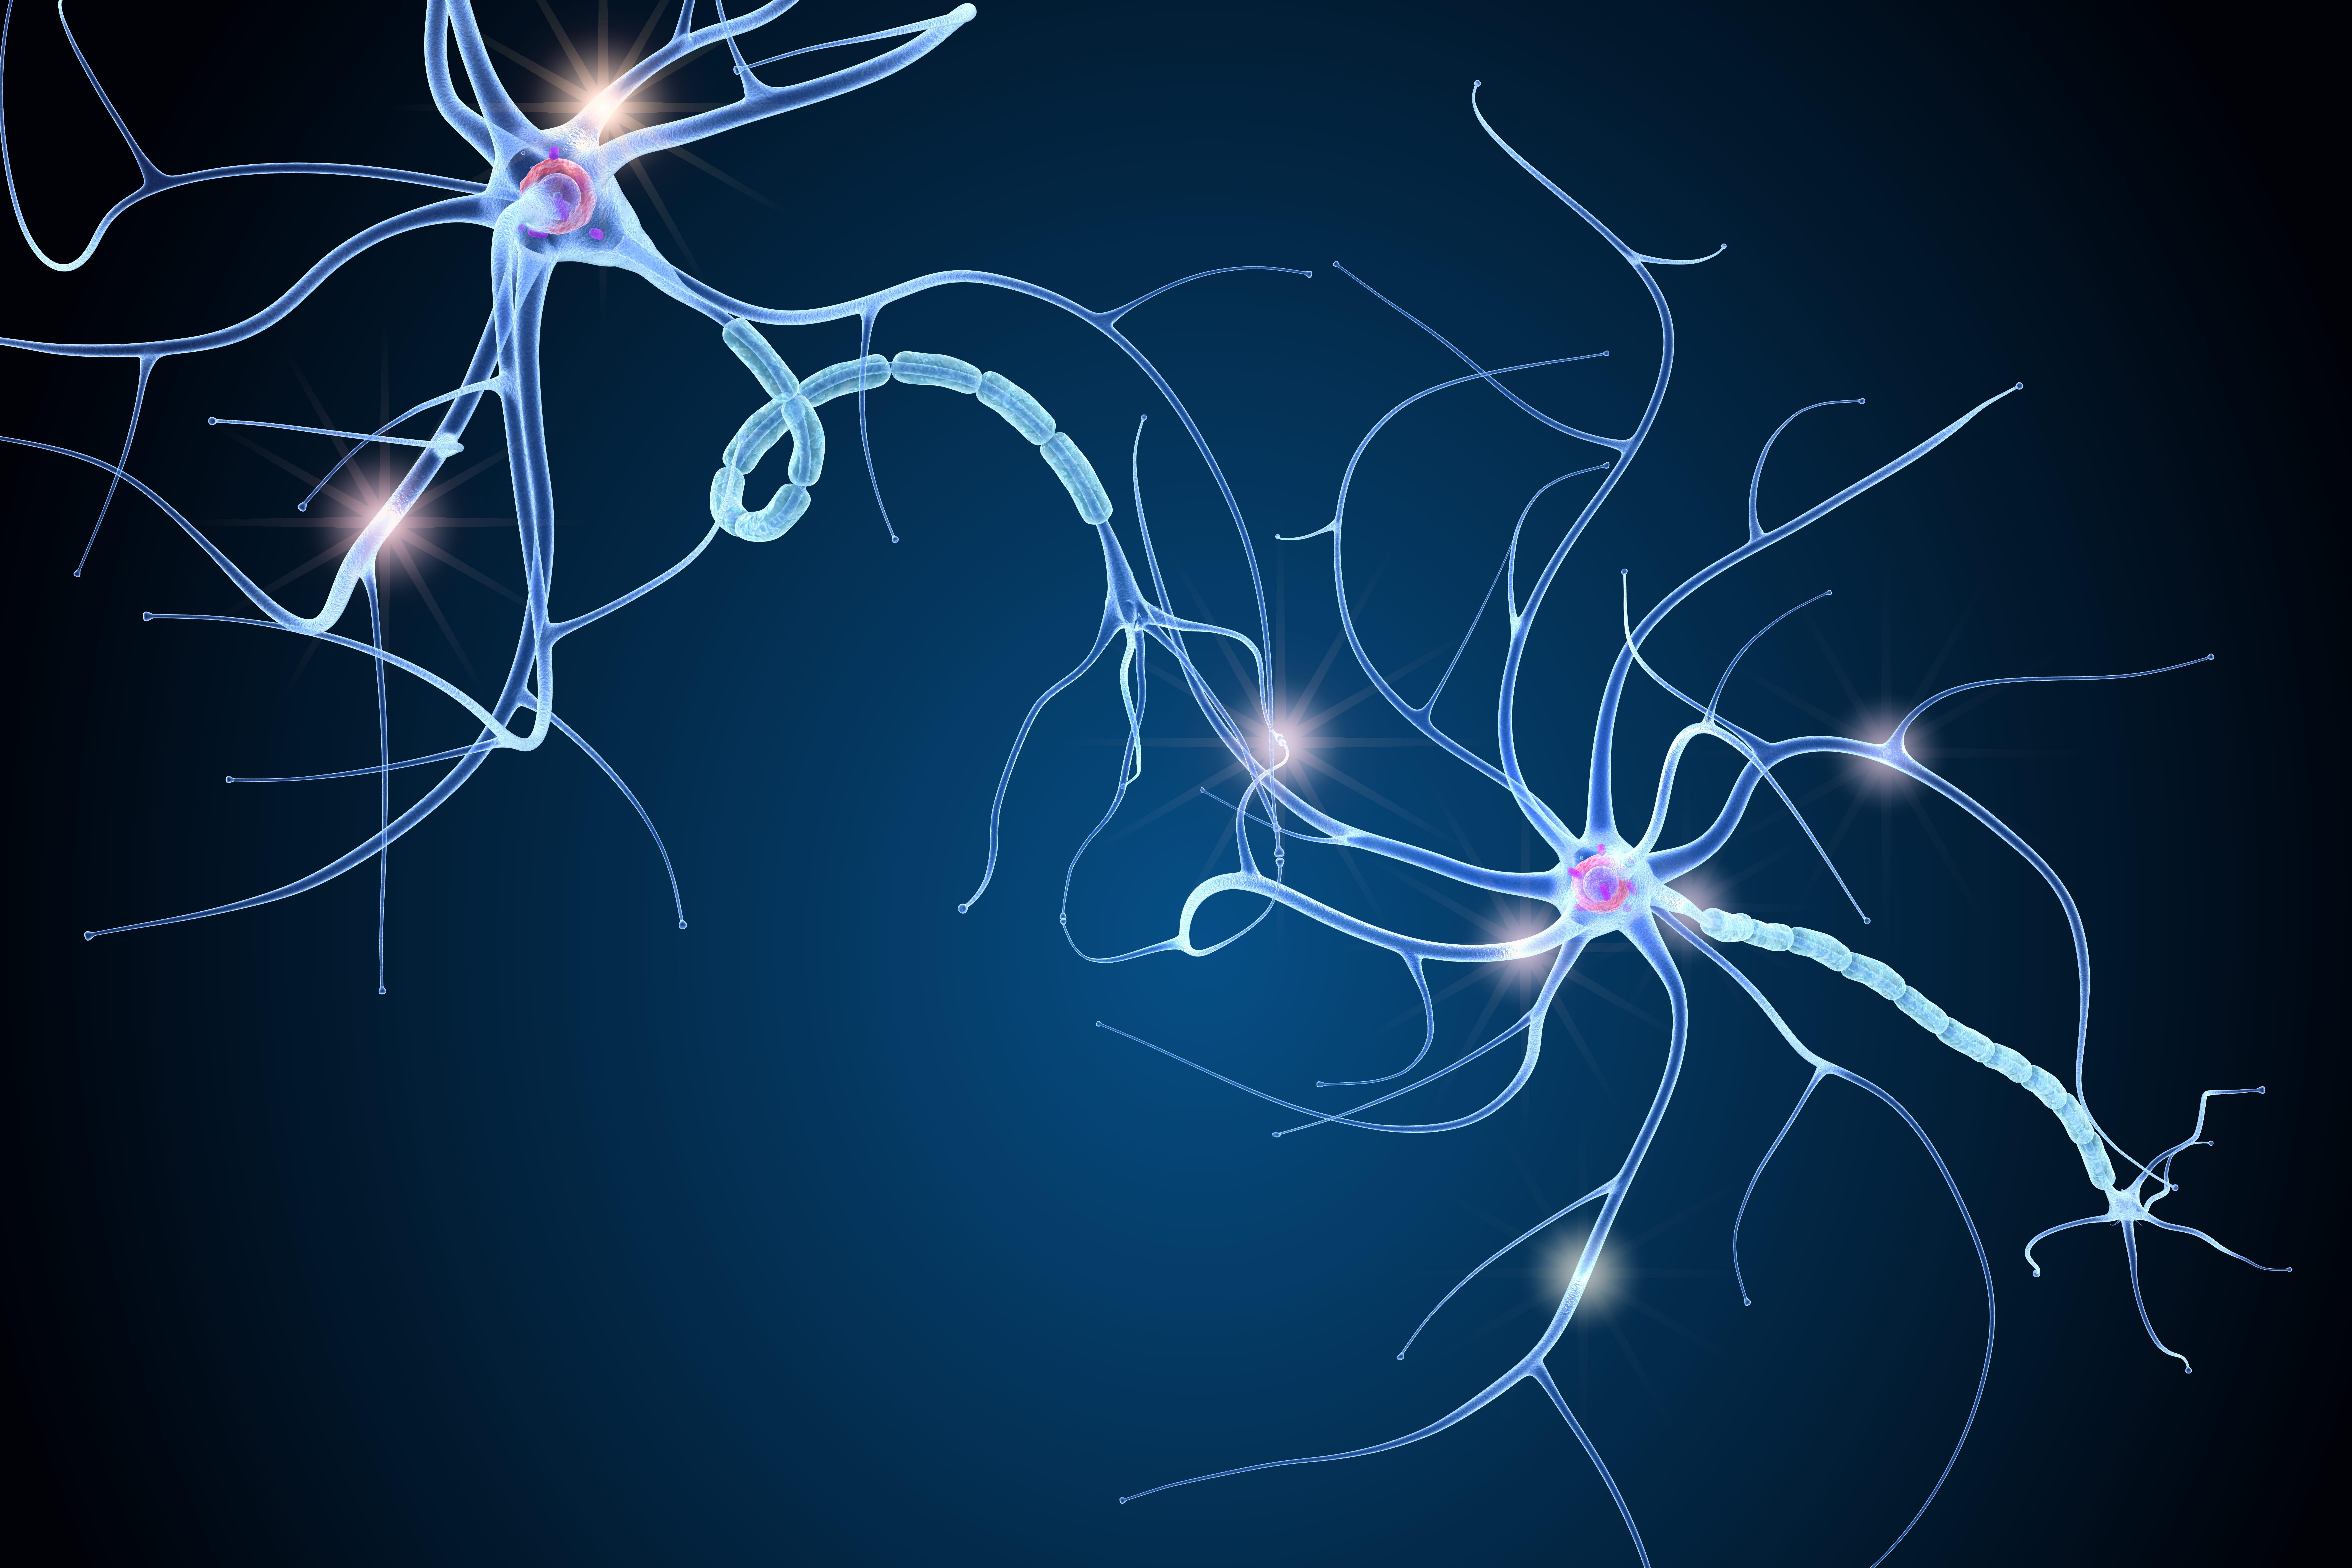 Bilde av nerveceller, getty images